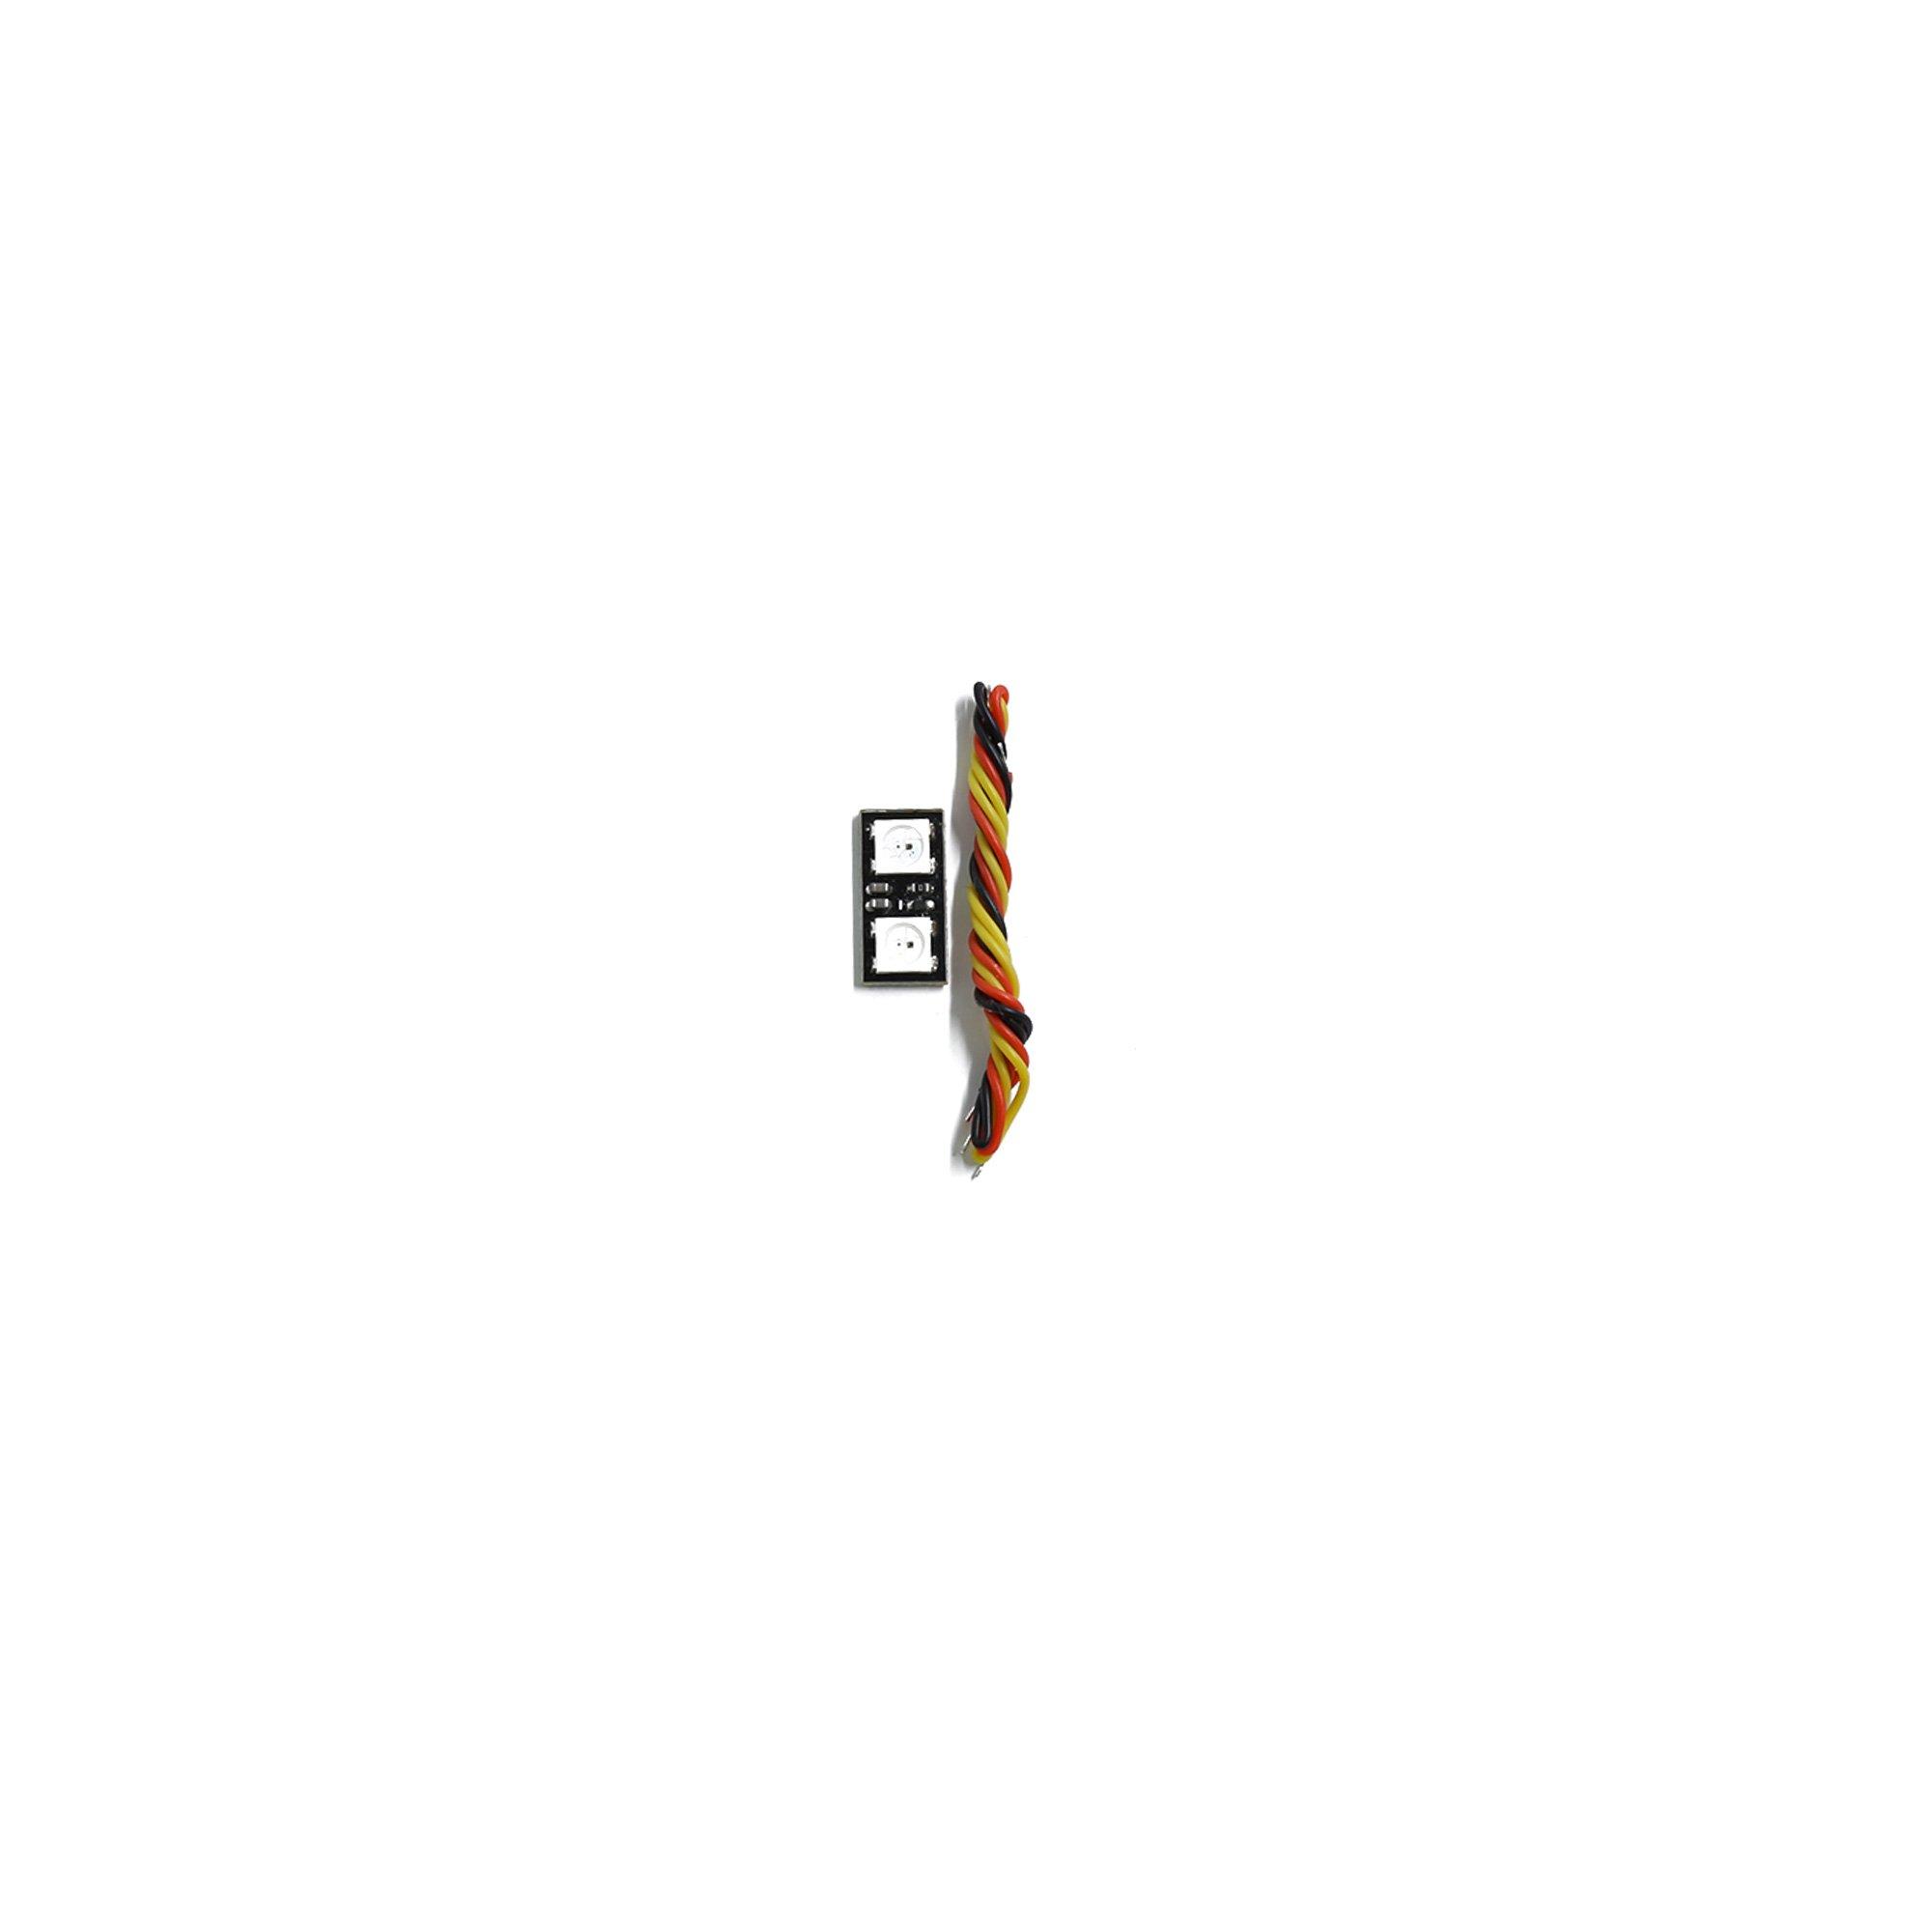 GEP-CX-Accessories - GEPRC